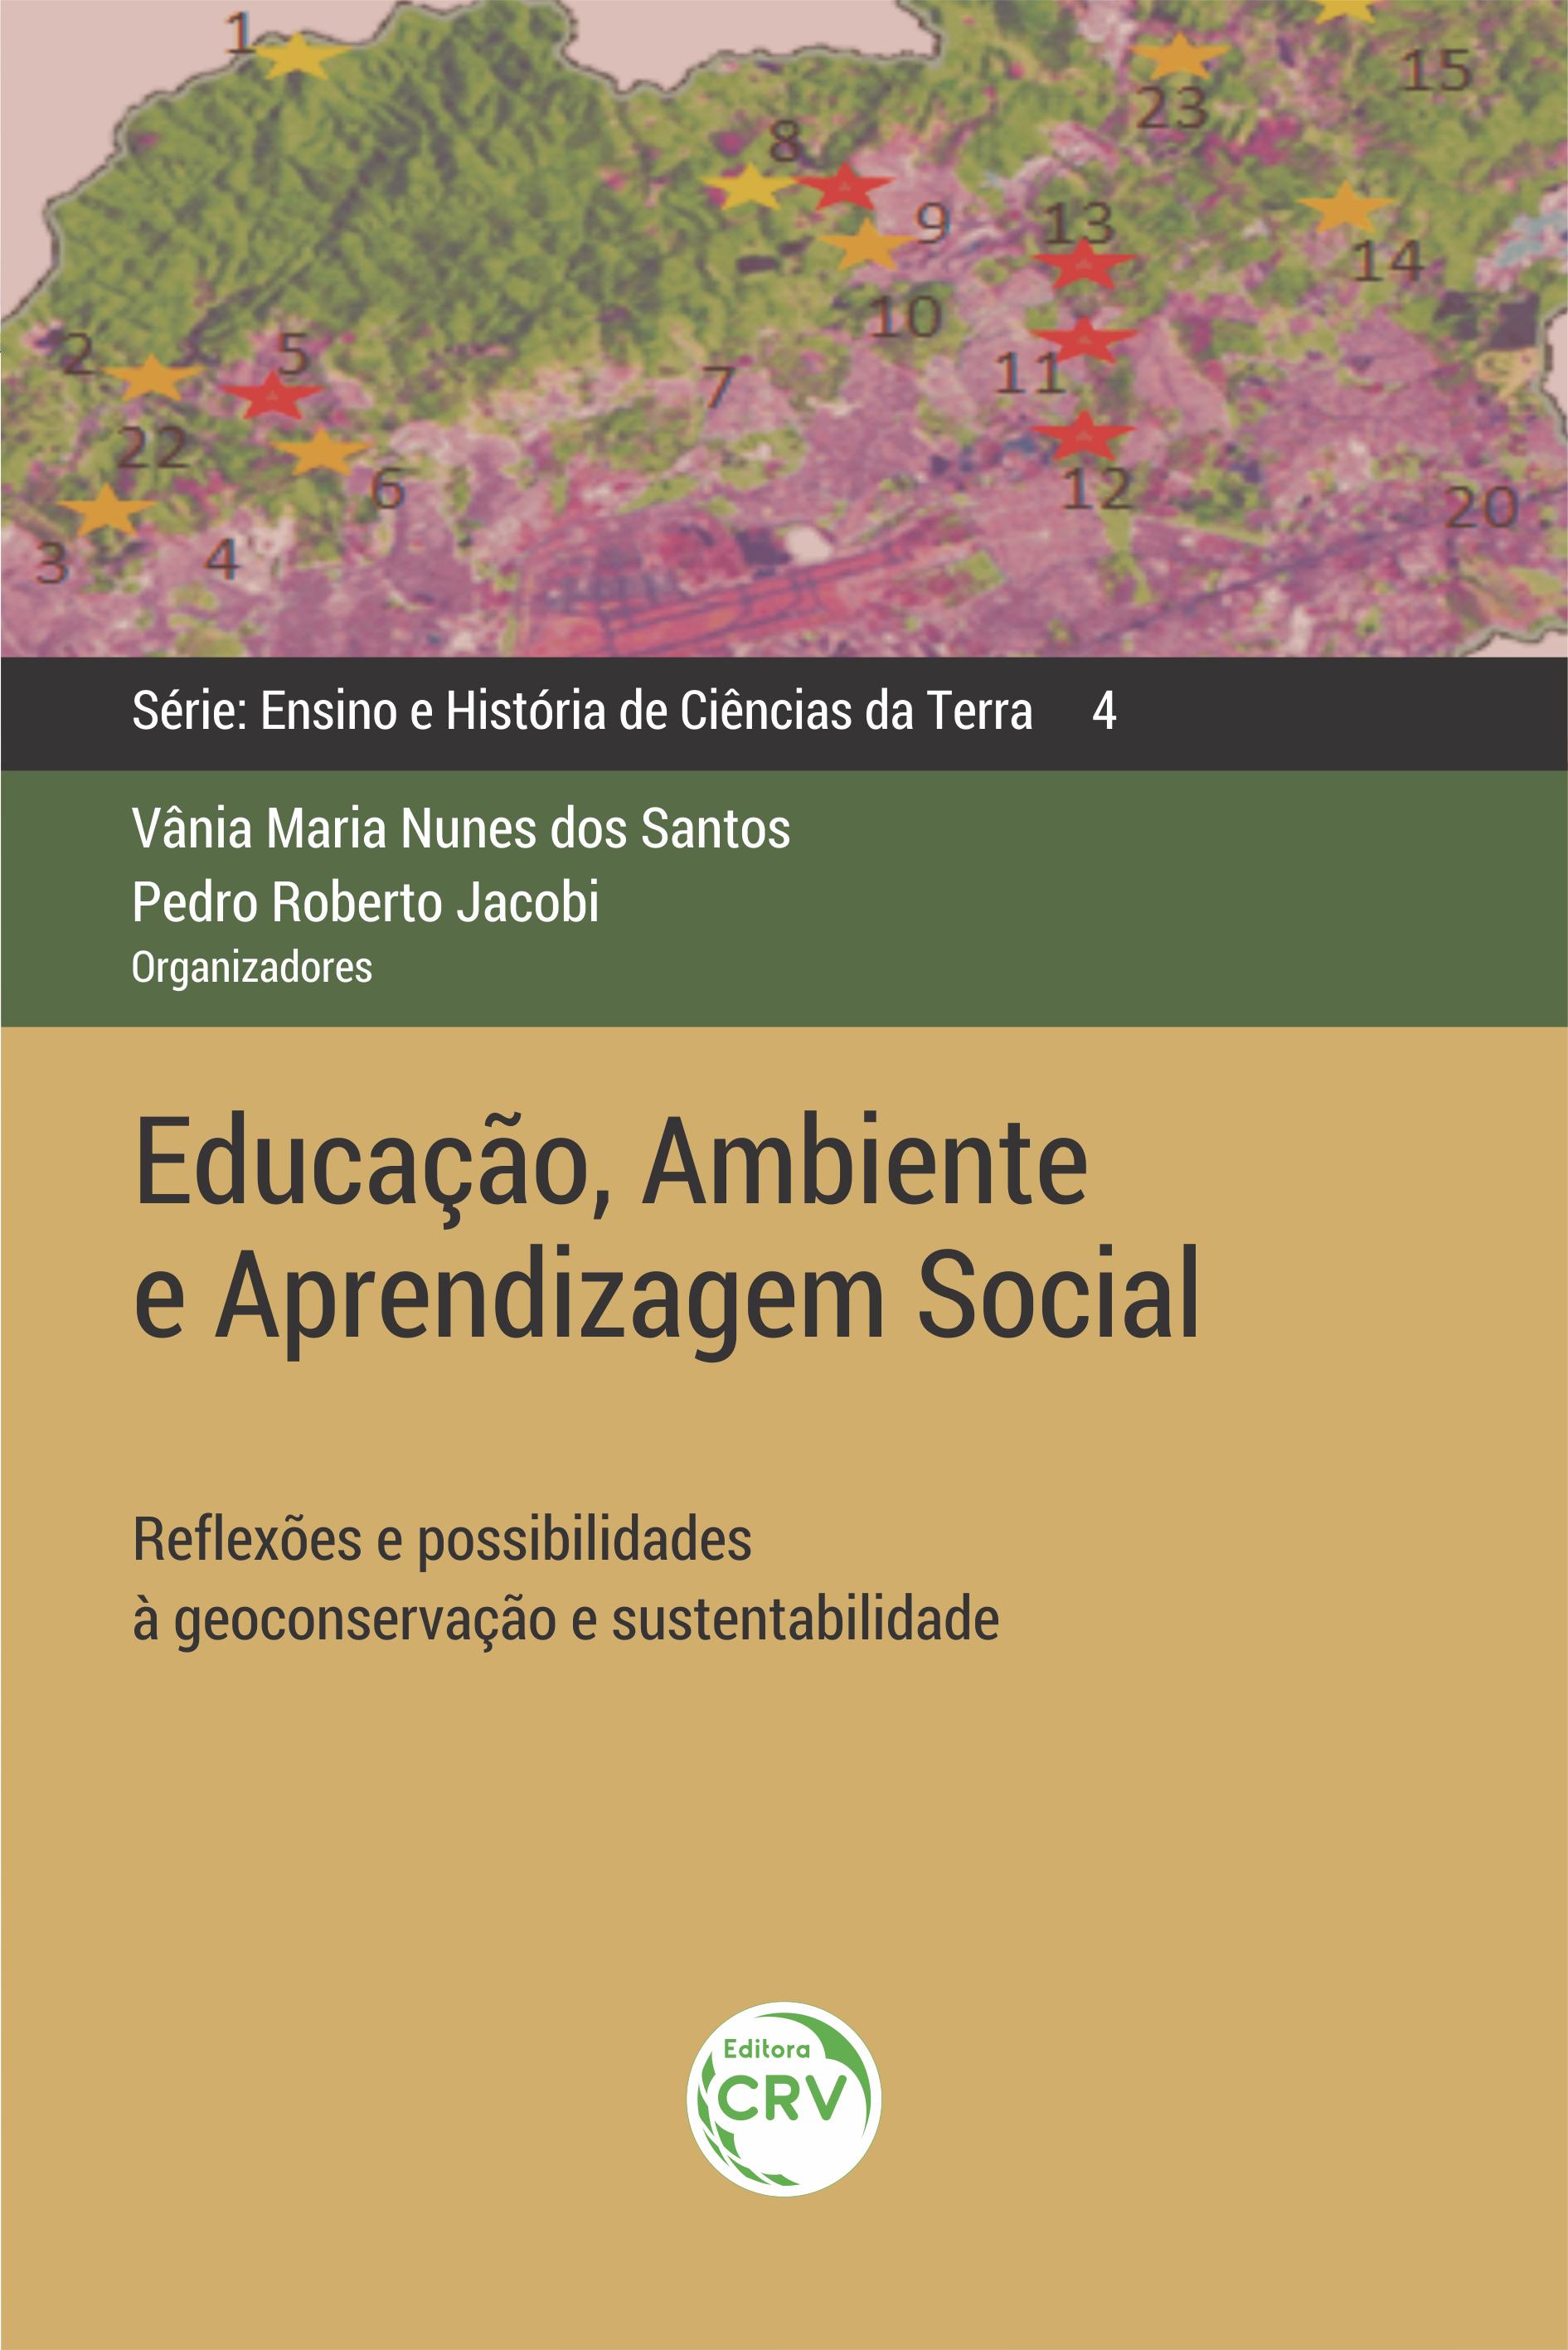 Capa do livro: EDUCAÇÃO, AMBIENTE E APRENDIZAGEM SOCIAL: <br>reflexões e possibilidades à geoconservação e sustentabilidade